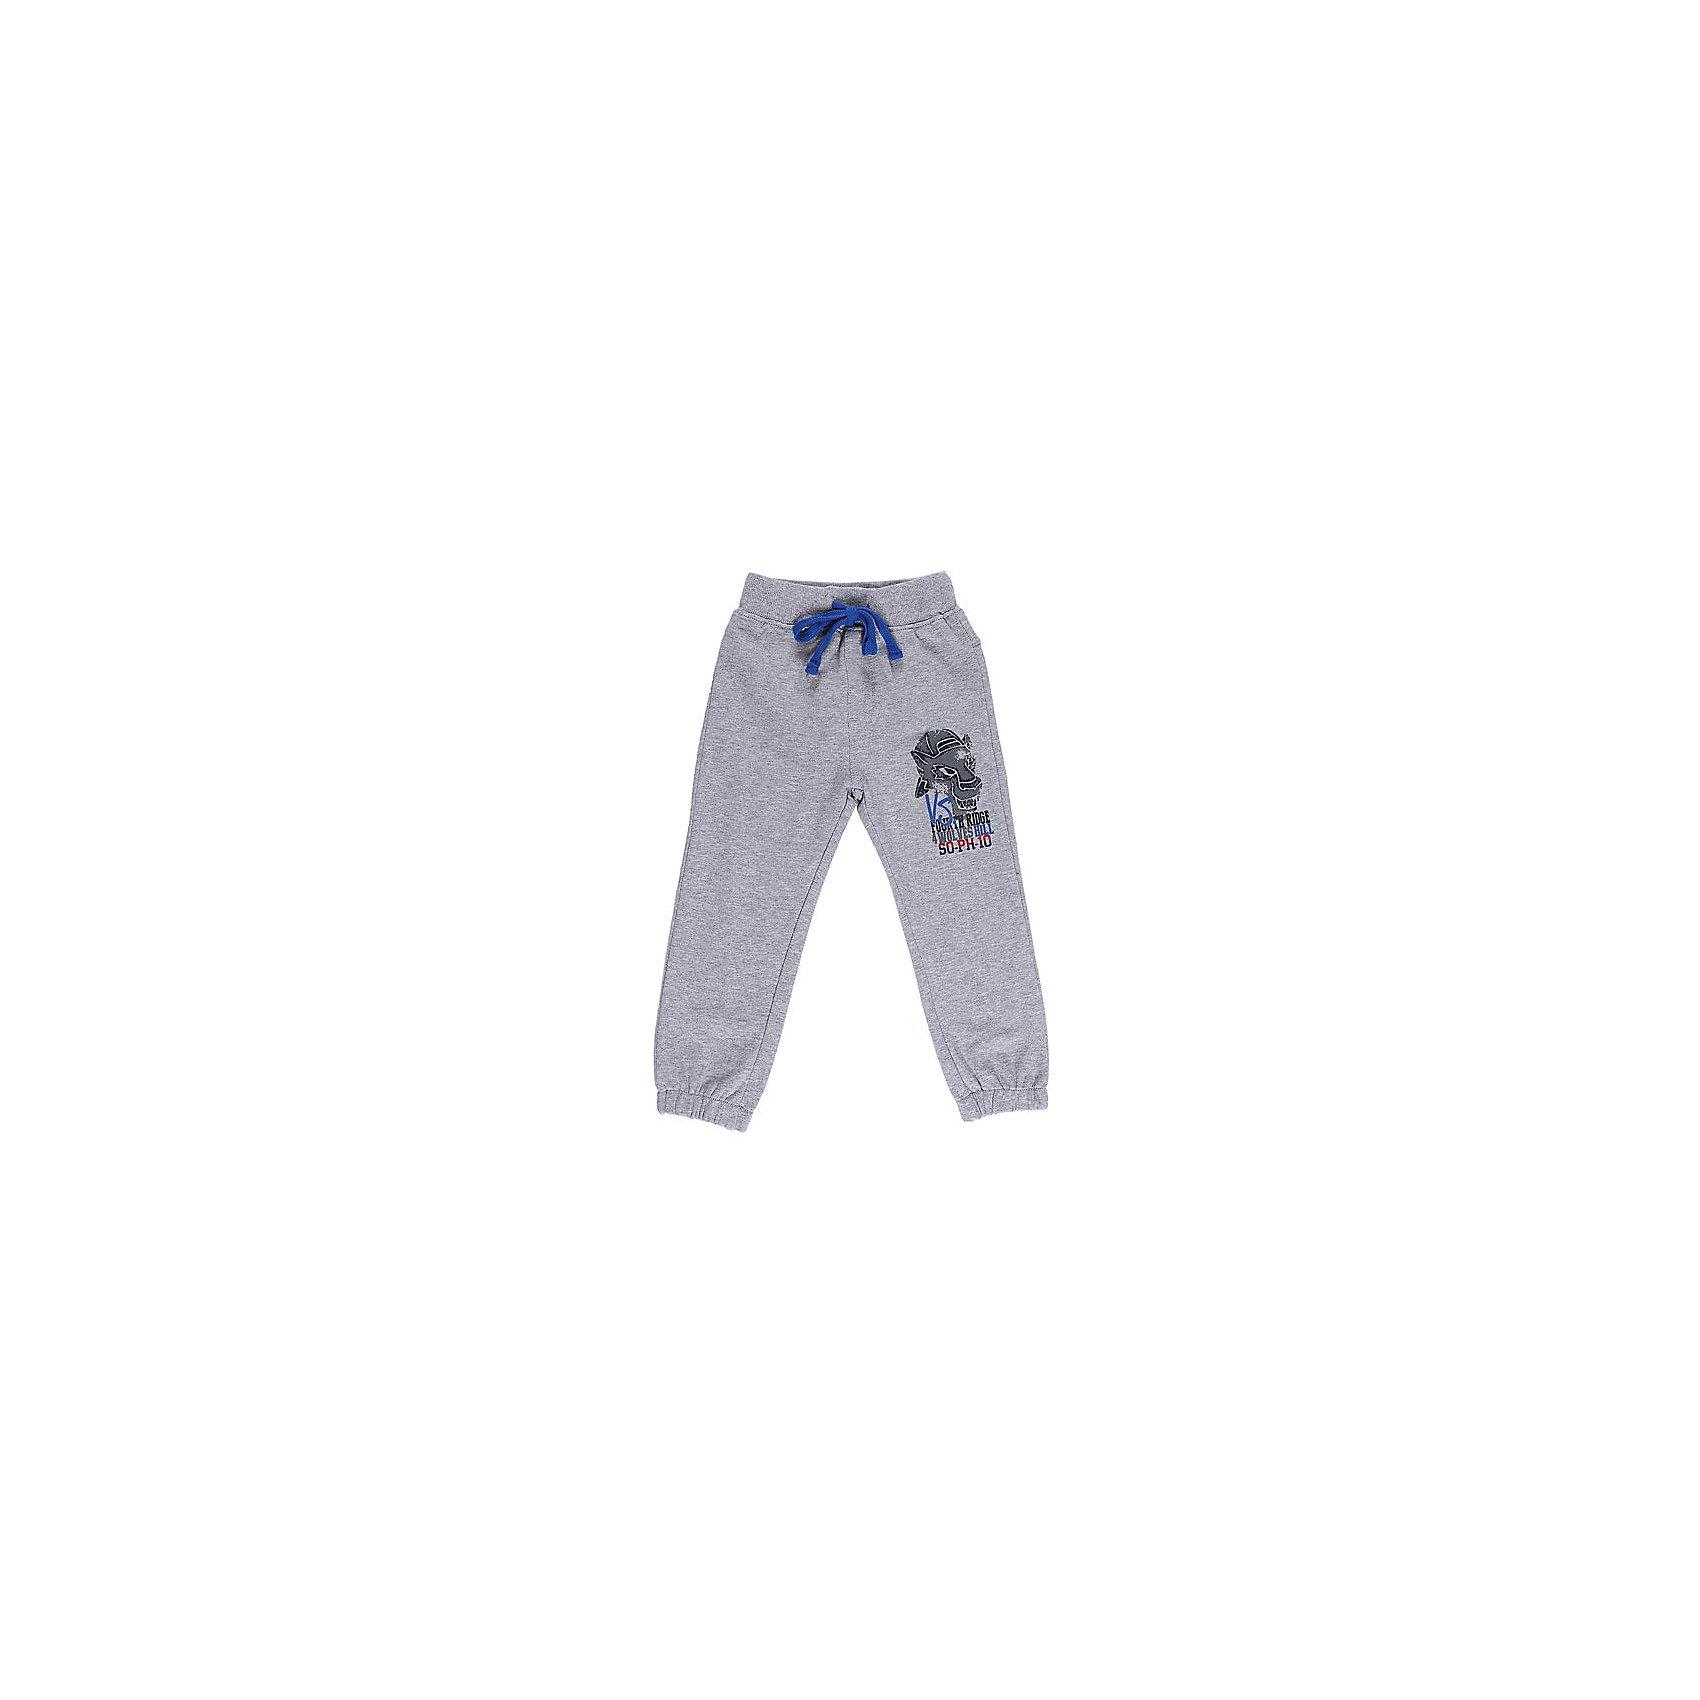 Брюки для мальчика Sweet BerryБрюки<br>Спортивные брюки для мальчиков. Эластичный пояс с внутренней резинкой, с дополнительным хлопковым шнурком. Украшены принтом.<br>Состав:<br>95% хлопок 5% эластан<br><br>Ширина мм: 215<br>Глубина мм: 88<br>Высота мм: 191<br>Вес г: 336<br>Цвет: серый<br>Возраст от месяцев: 24<br>Возраст до месяцев: 36<br>Пол: Мужской<br>Возраст: Детский<br>Размер: 98,80,86,92<br>SKU: 4929982